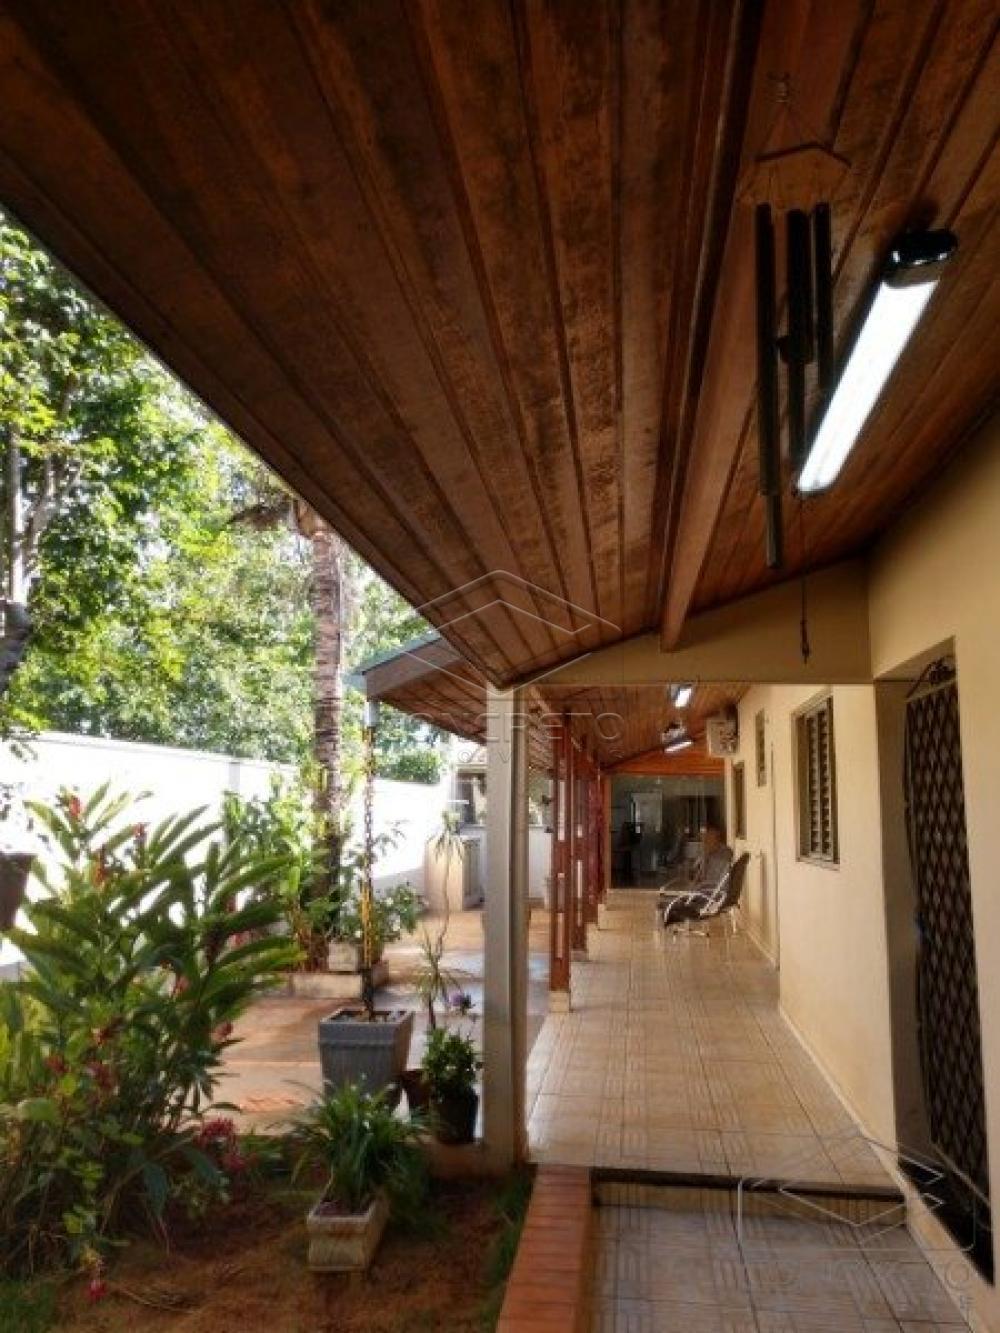 Comprar Casa / Residencia em Jaú apenas R$ 255.000,00 - Foto 14